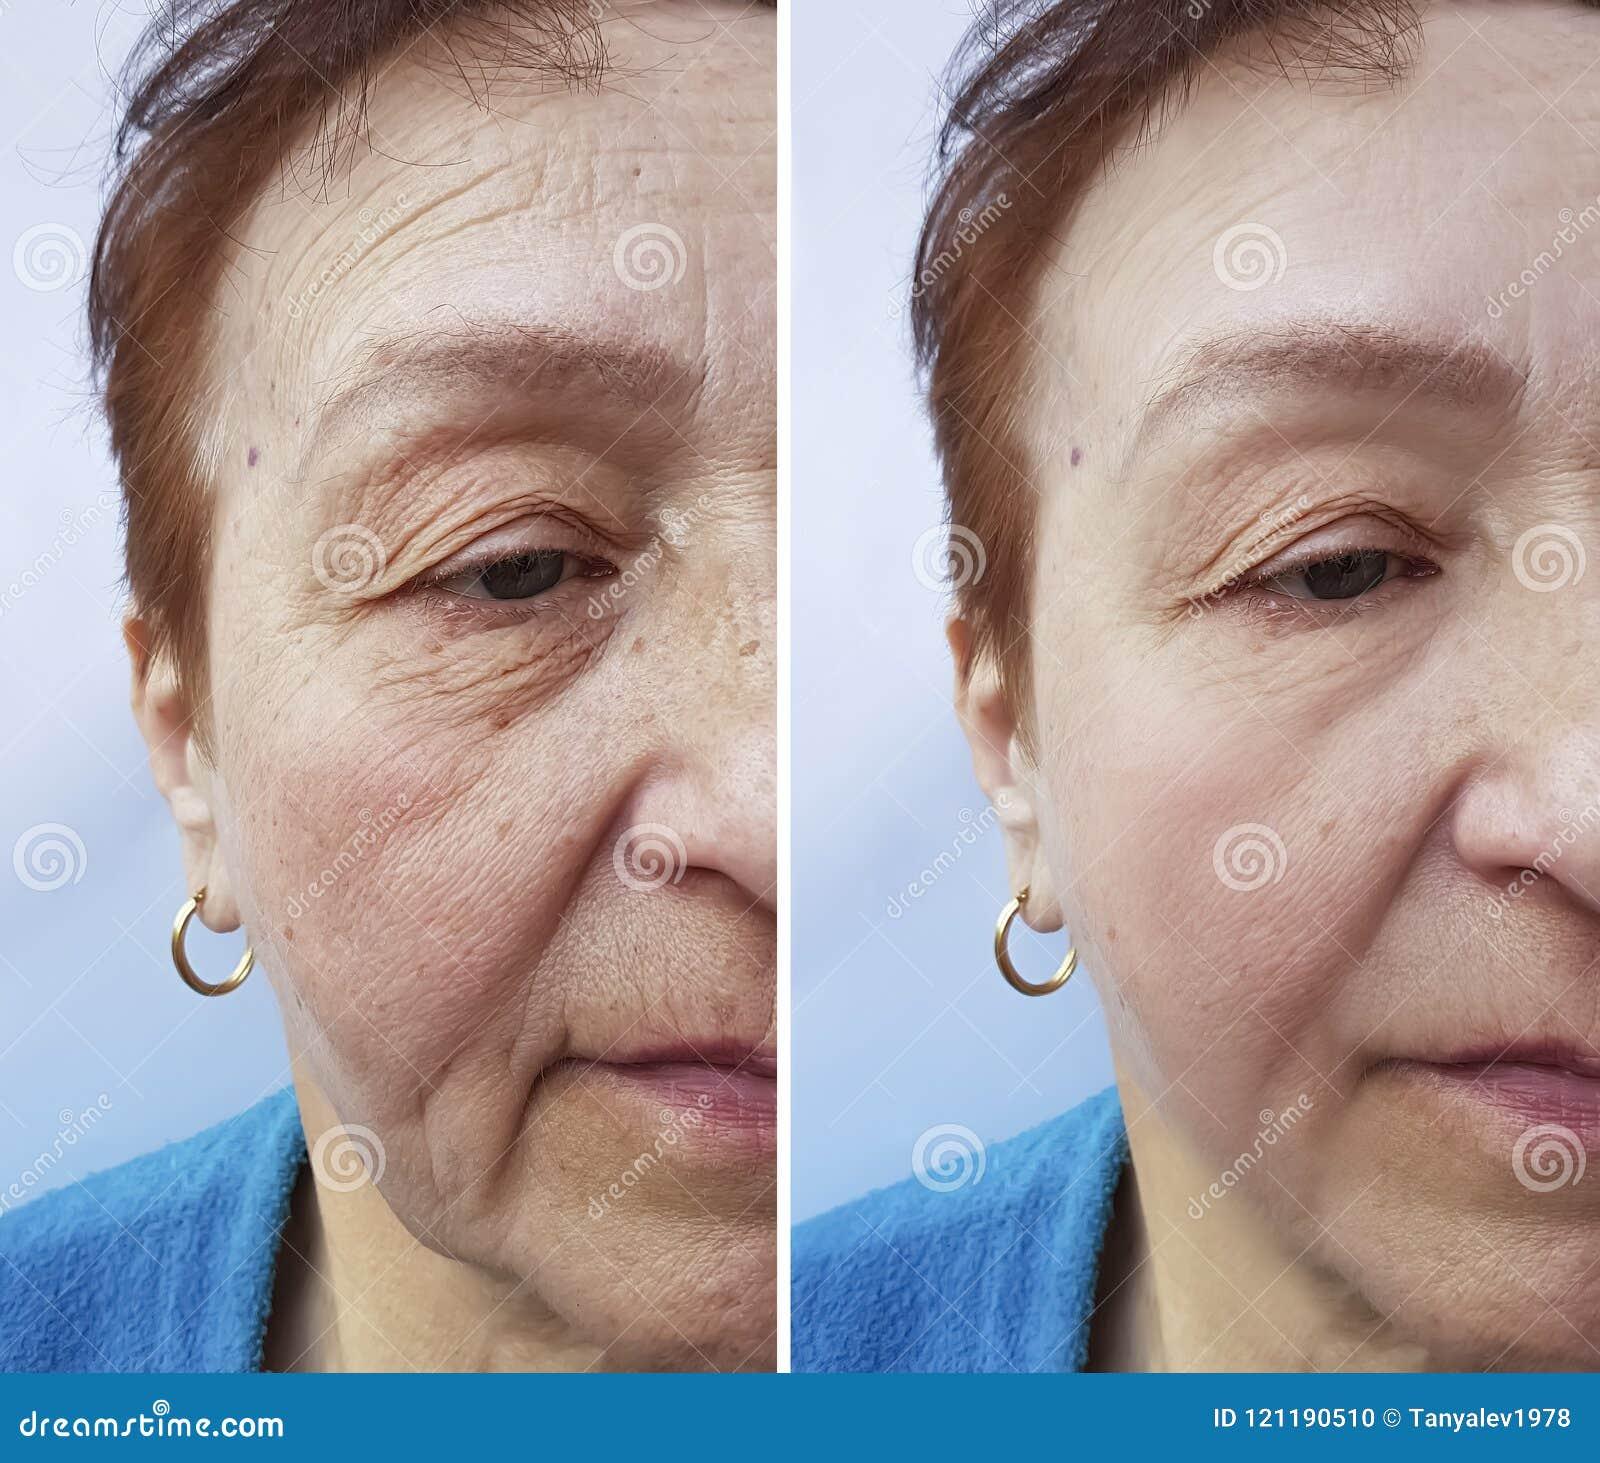 Framsidan av en äldre kvinna rynkar att hydratisera före och efter tillvägagångssätt